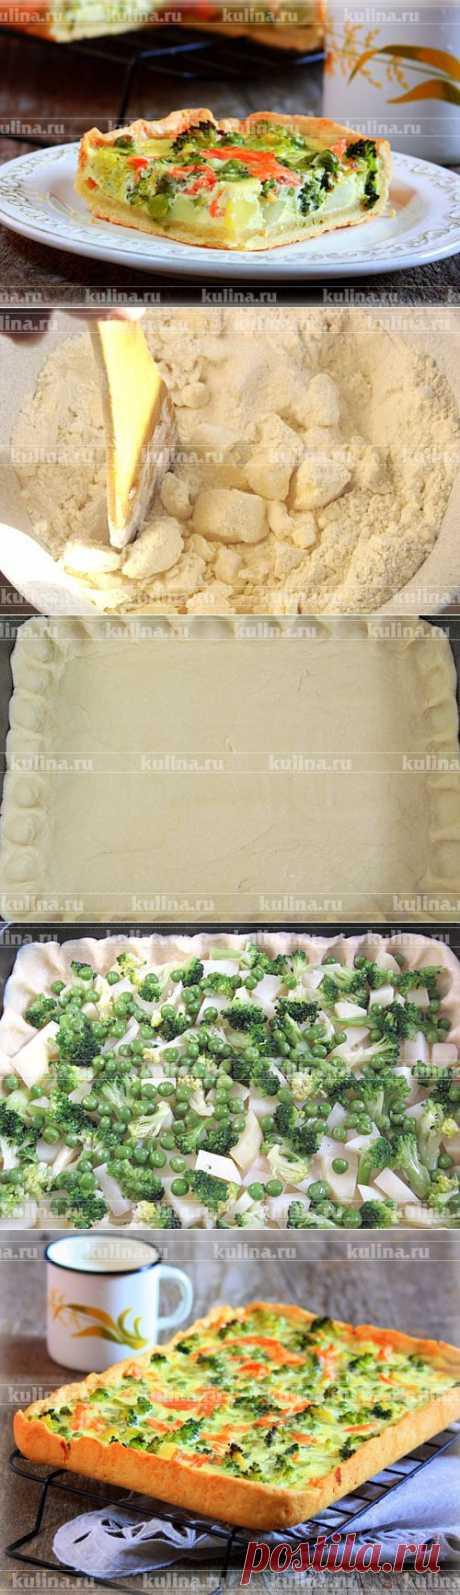 Пирог с форелью и брокколи | Домохозяйки